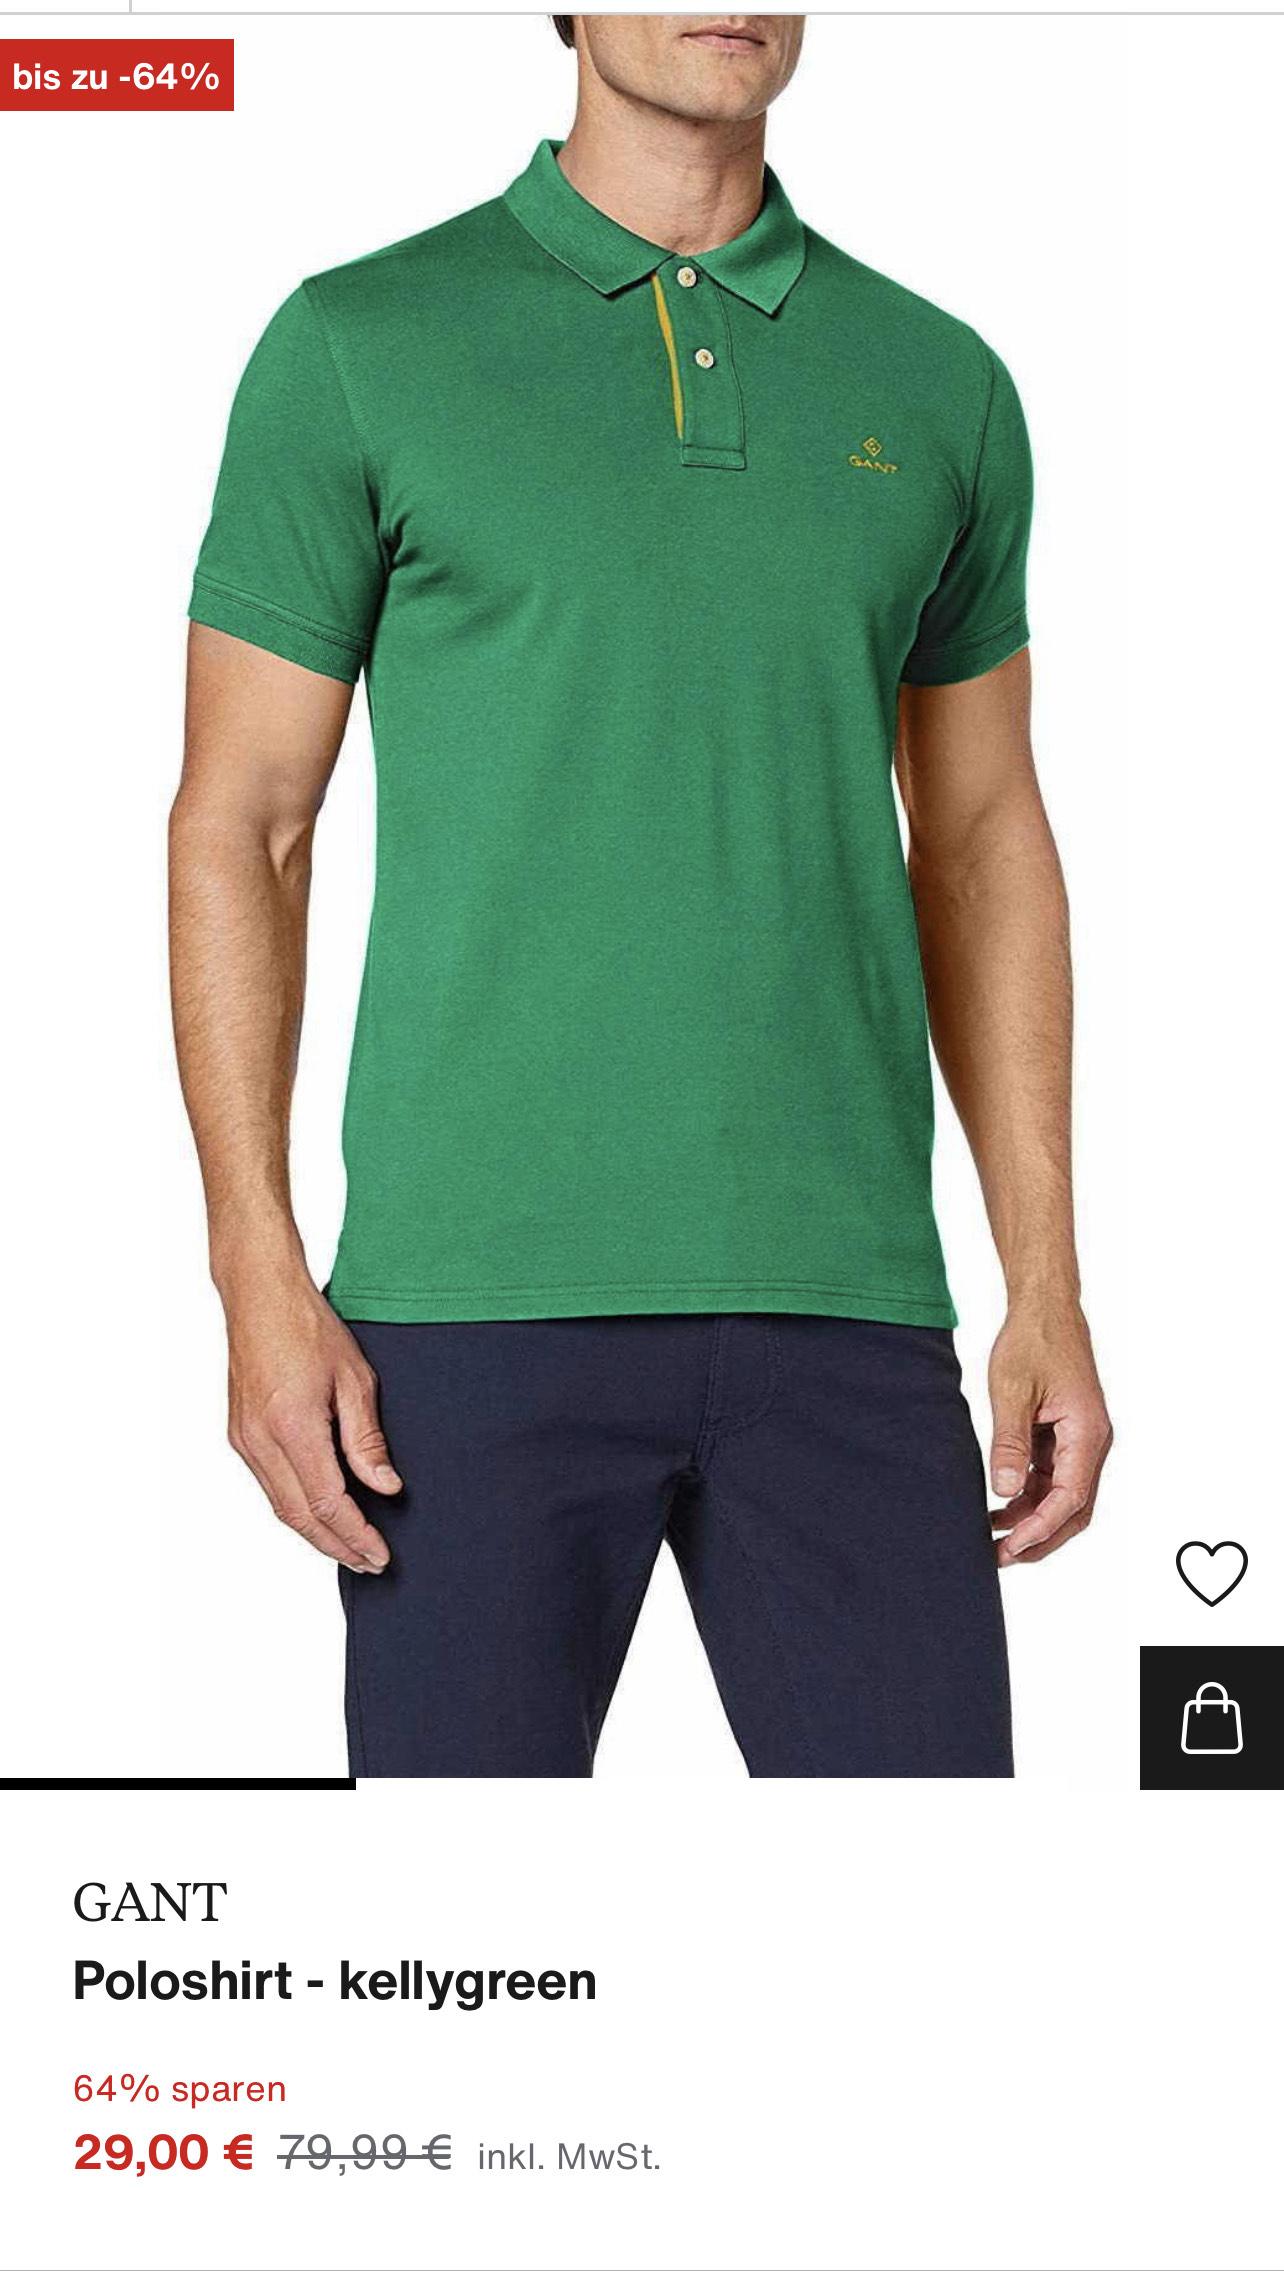 Gant Poloshirt - Polohemd - verschiedene Größen und auch Farben